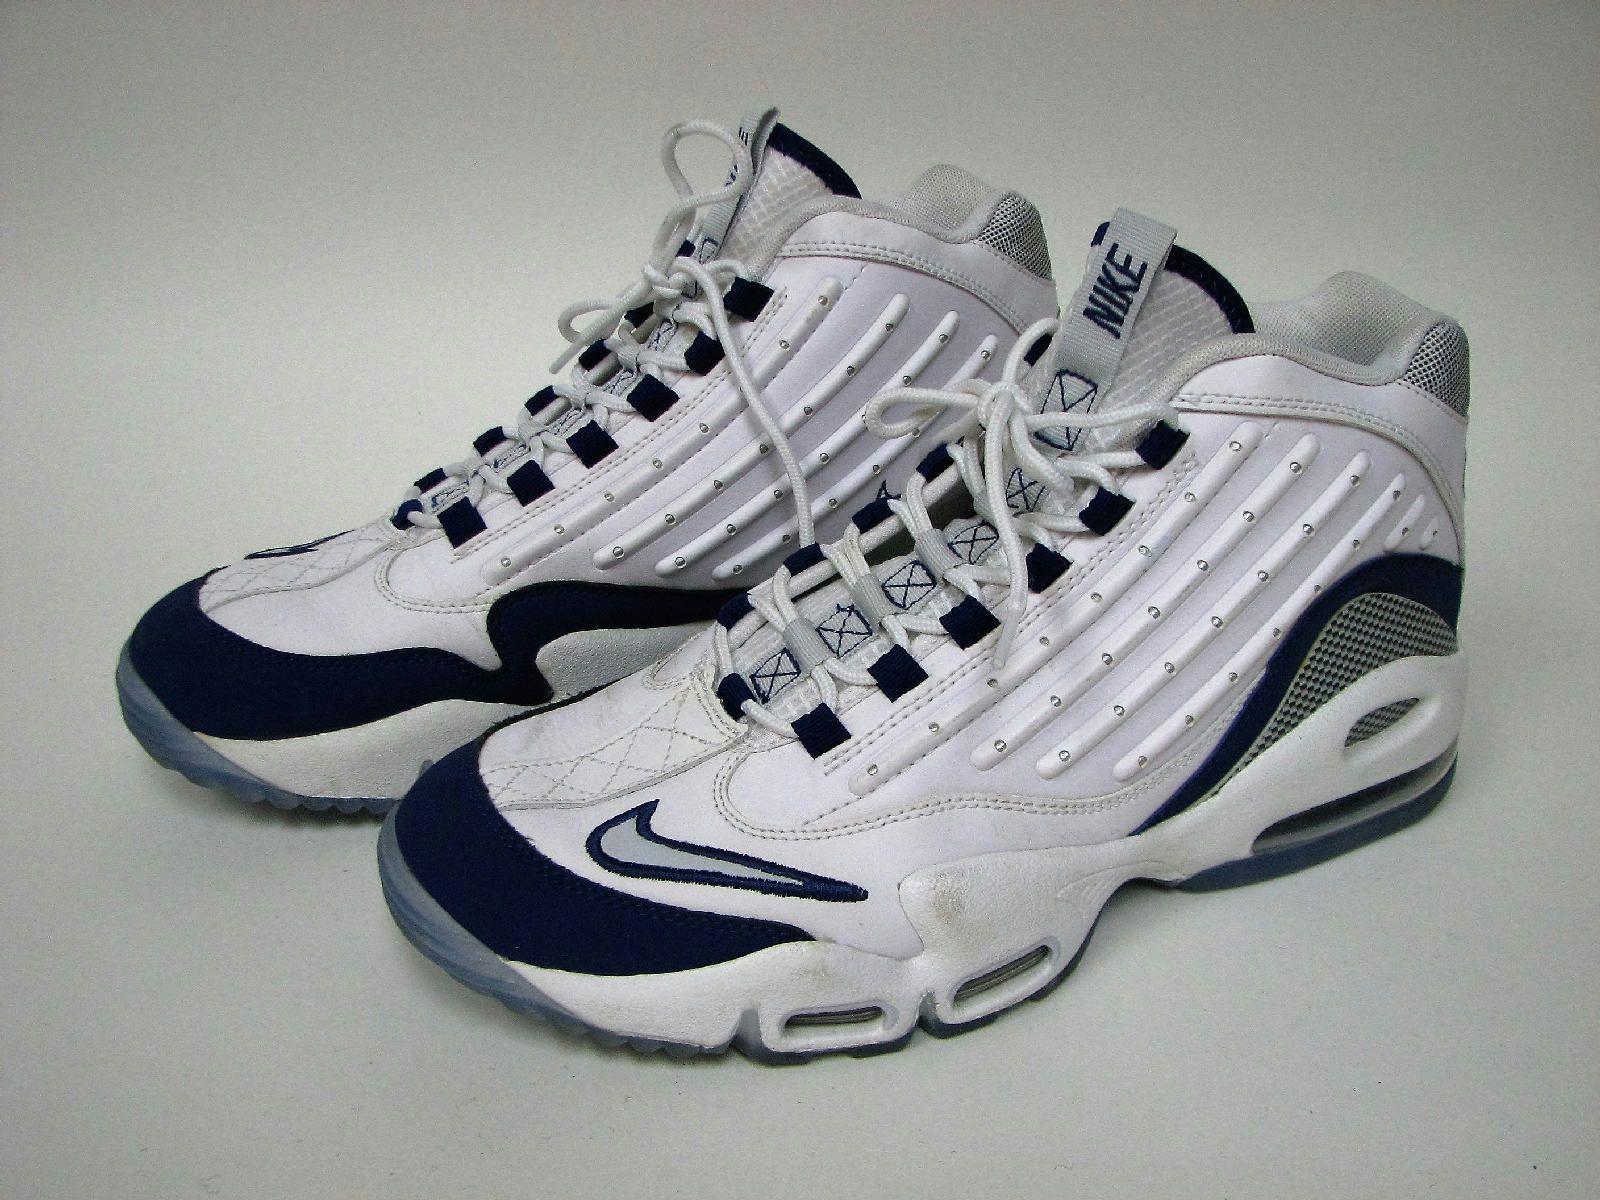 Nike Air Griffey Max II Ken Griffey Jr 442171 102 White Royal Blue Mens Size 12